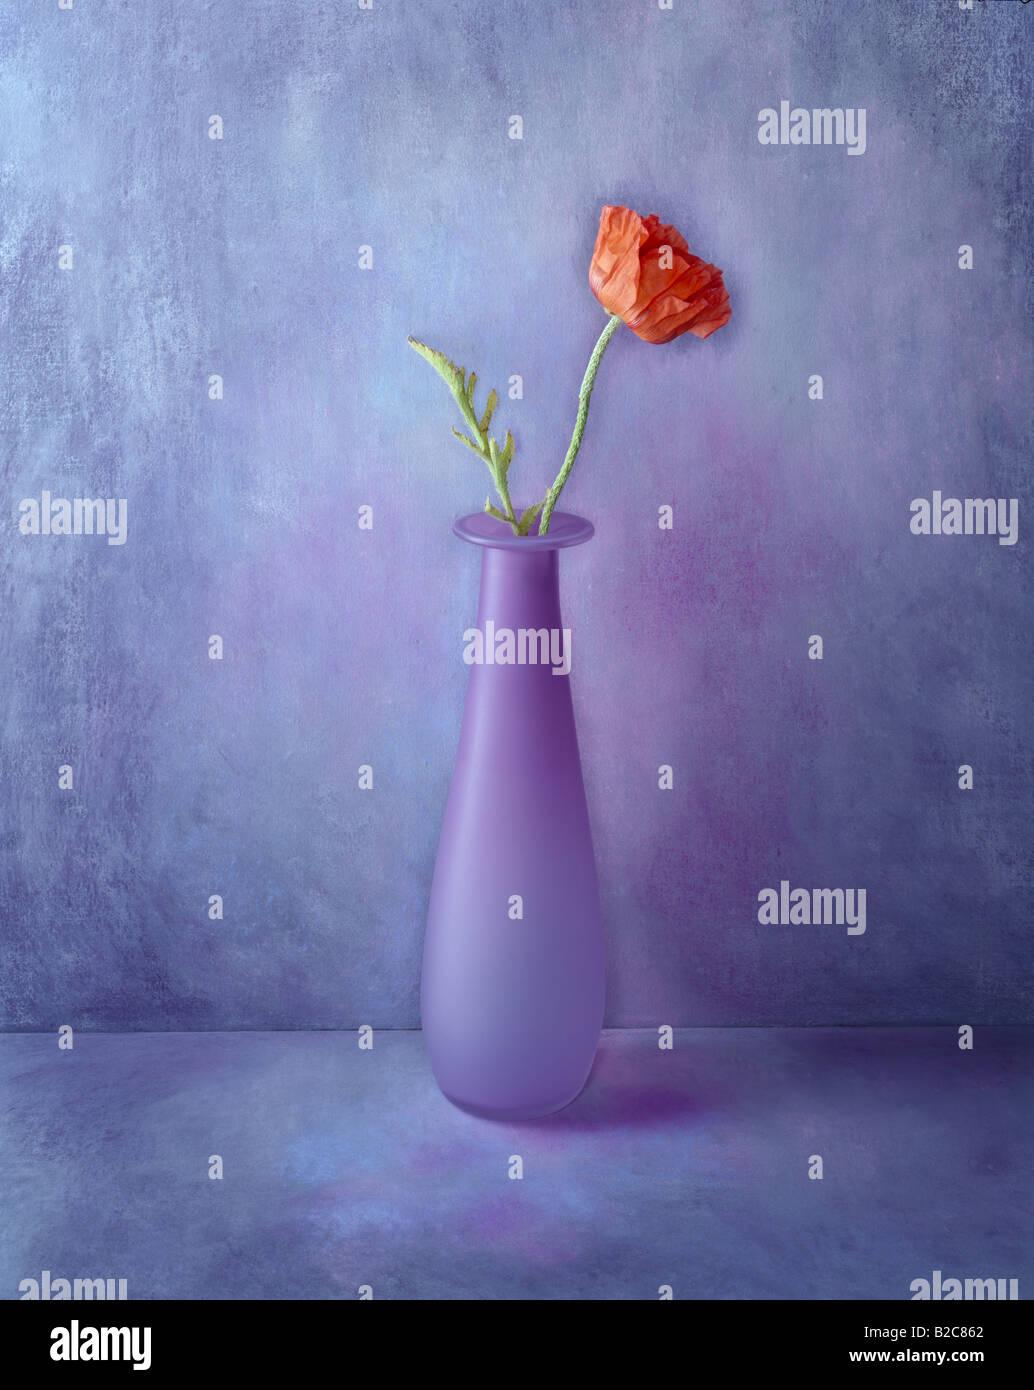 1 di una serie di ritratti a colori formato foto a colori questa è di un fiore rosso su un dipinto a mano sfondo Immagini Stock